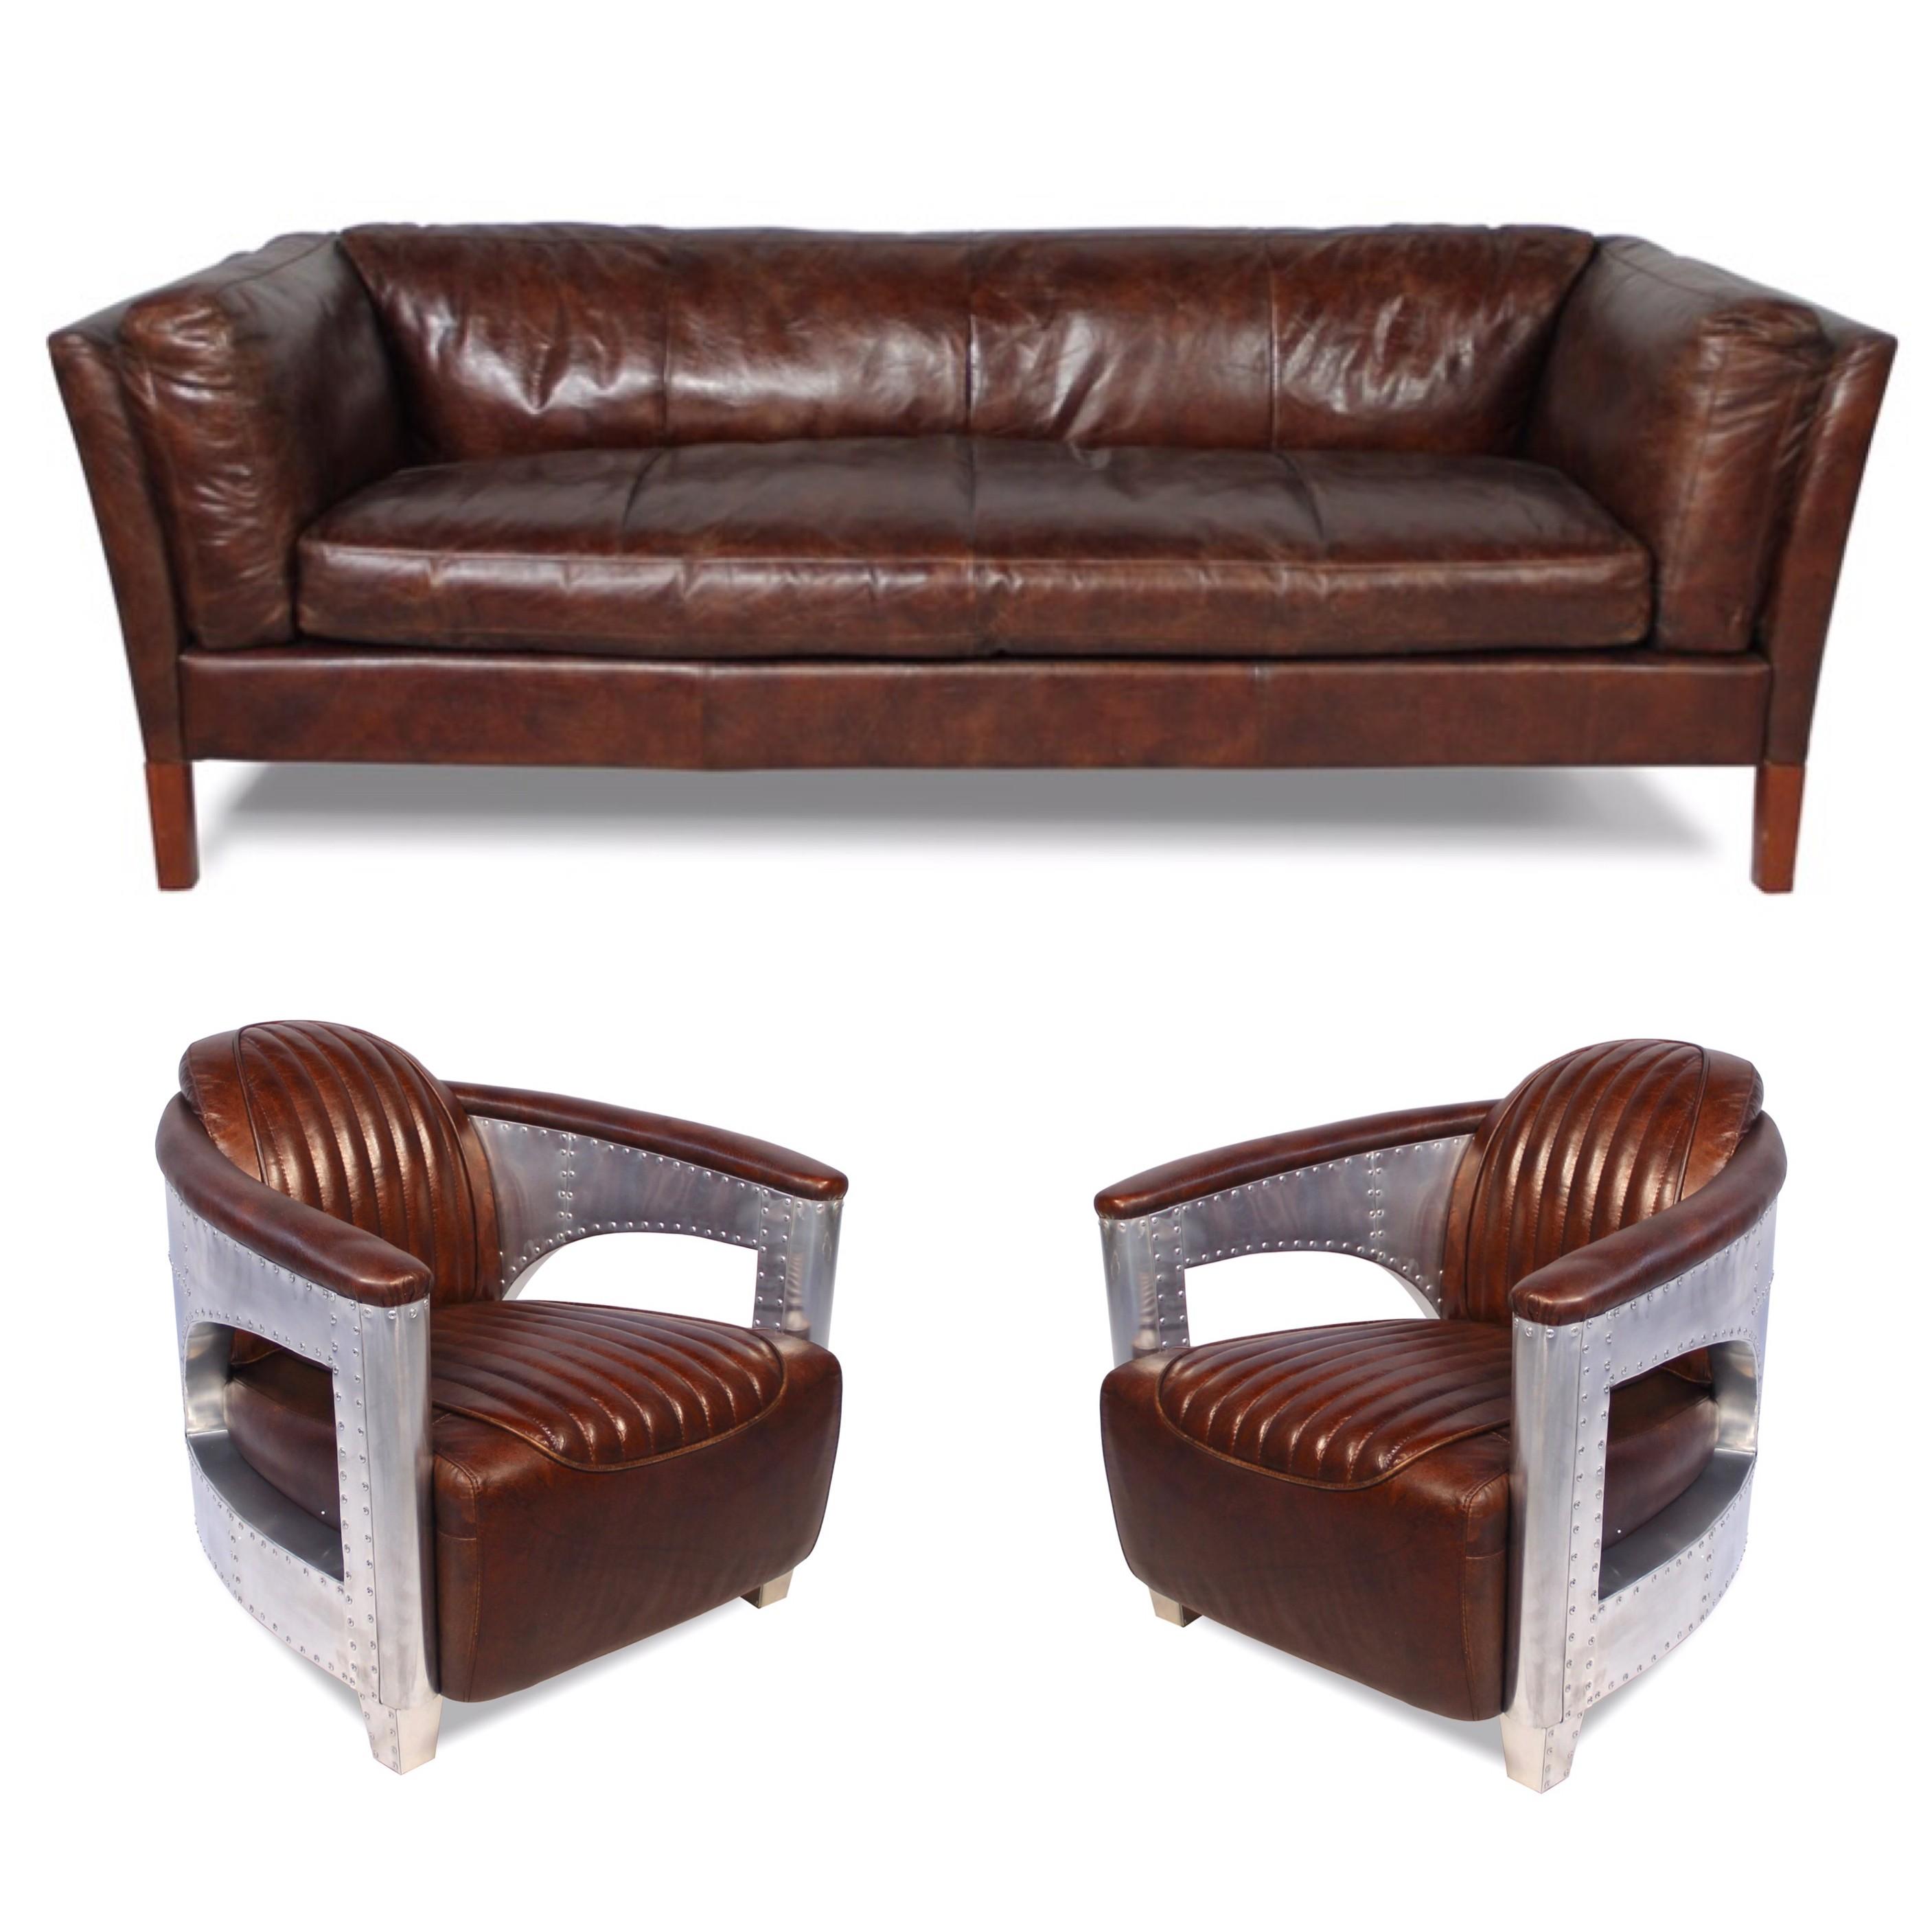 Vintage Braun Leder Sofa mit zwei Alte Braun Leder Aviator